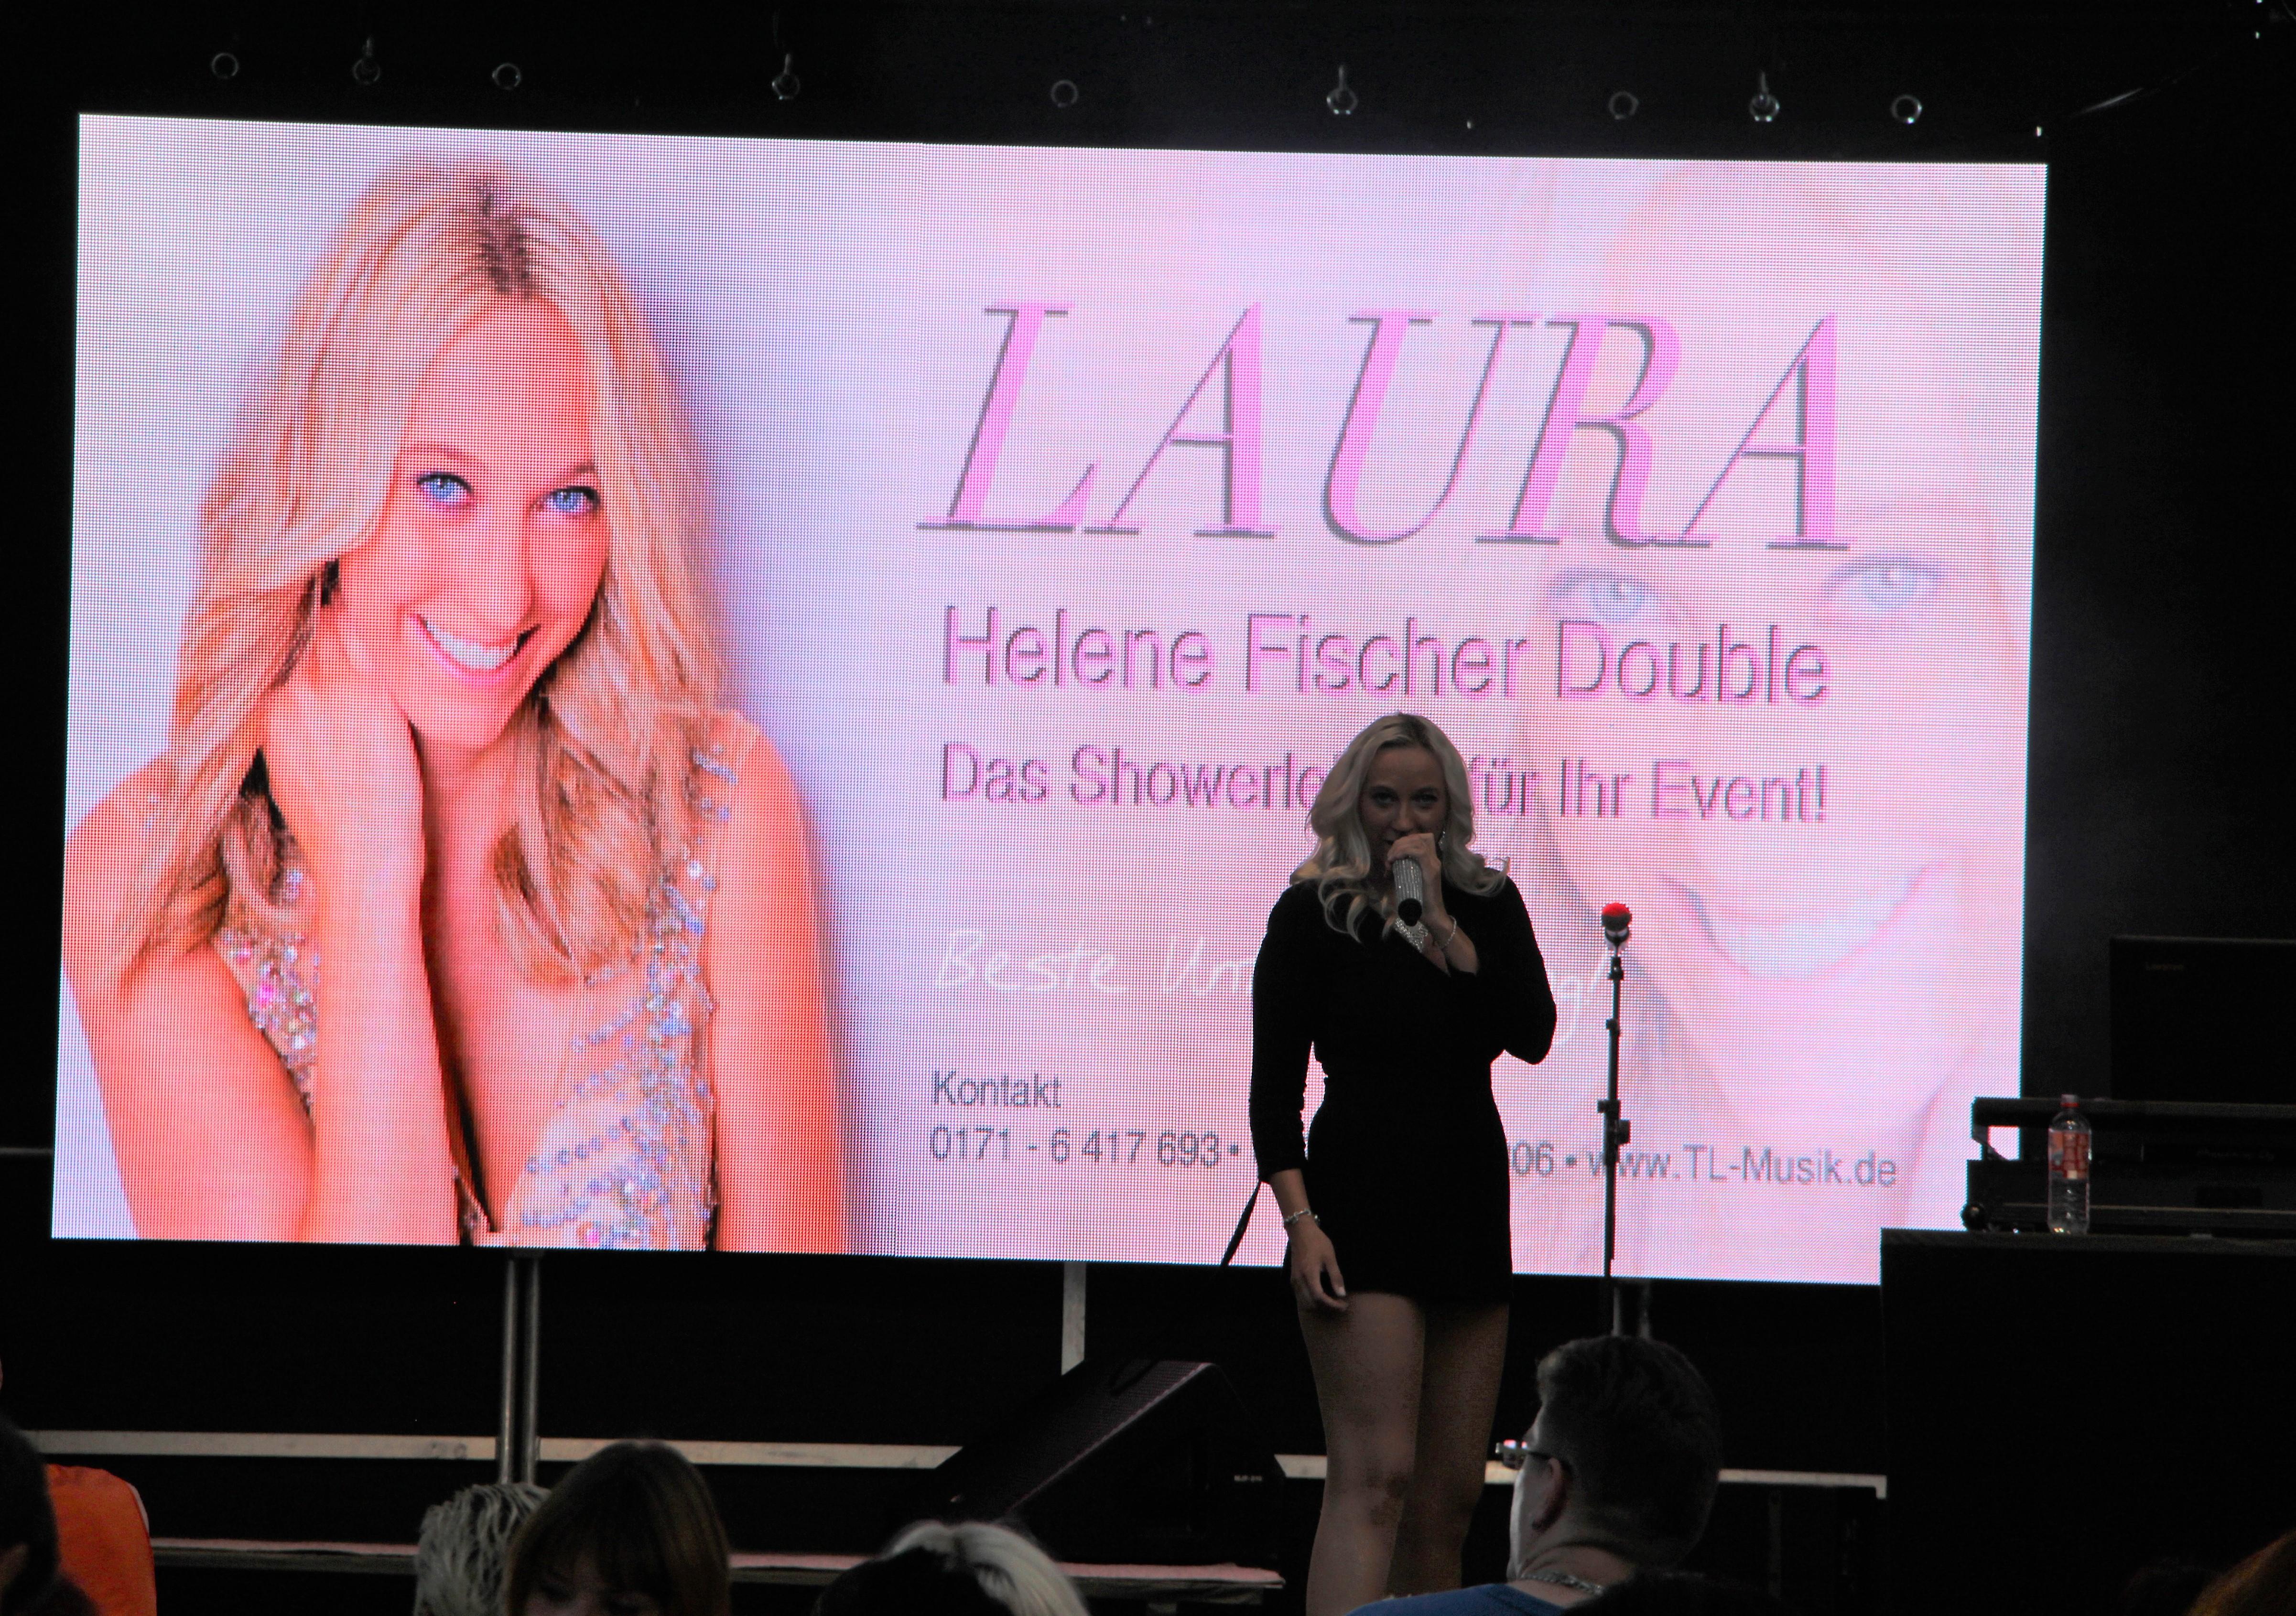 Helene Fischer Double LAURA